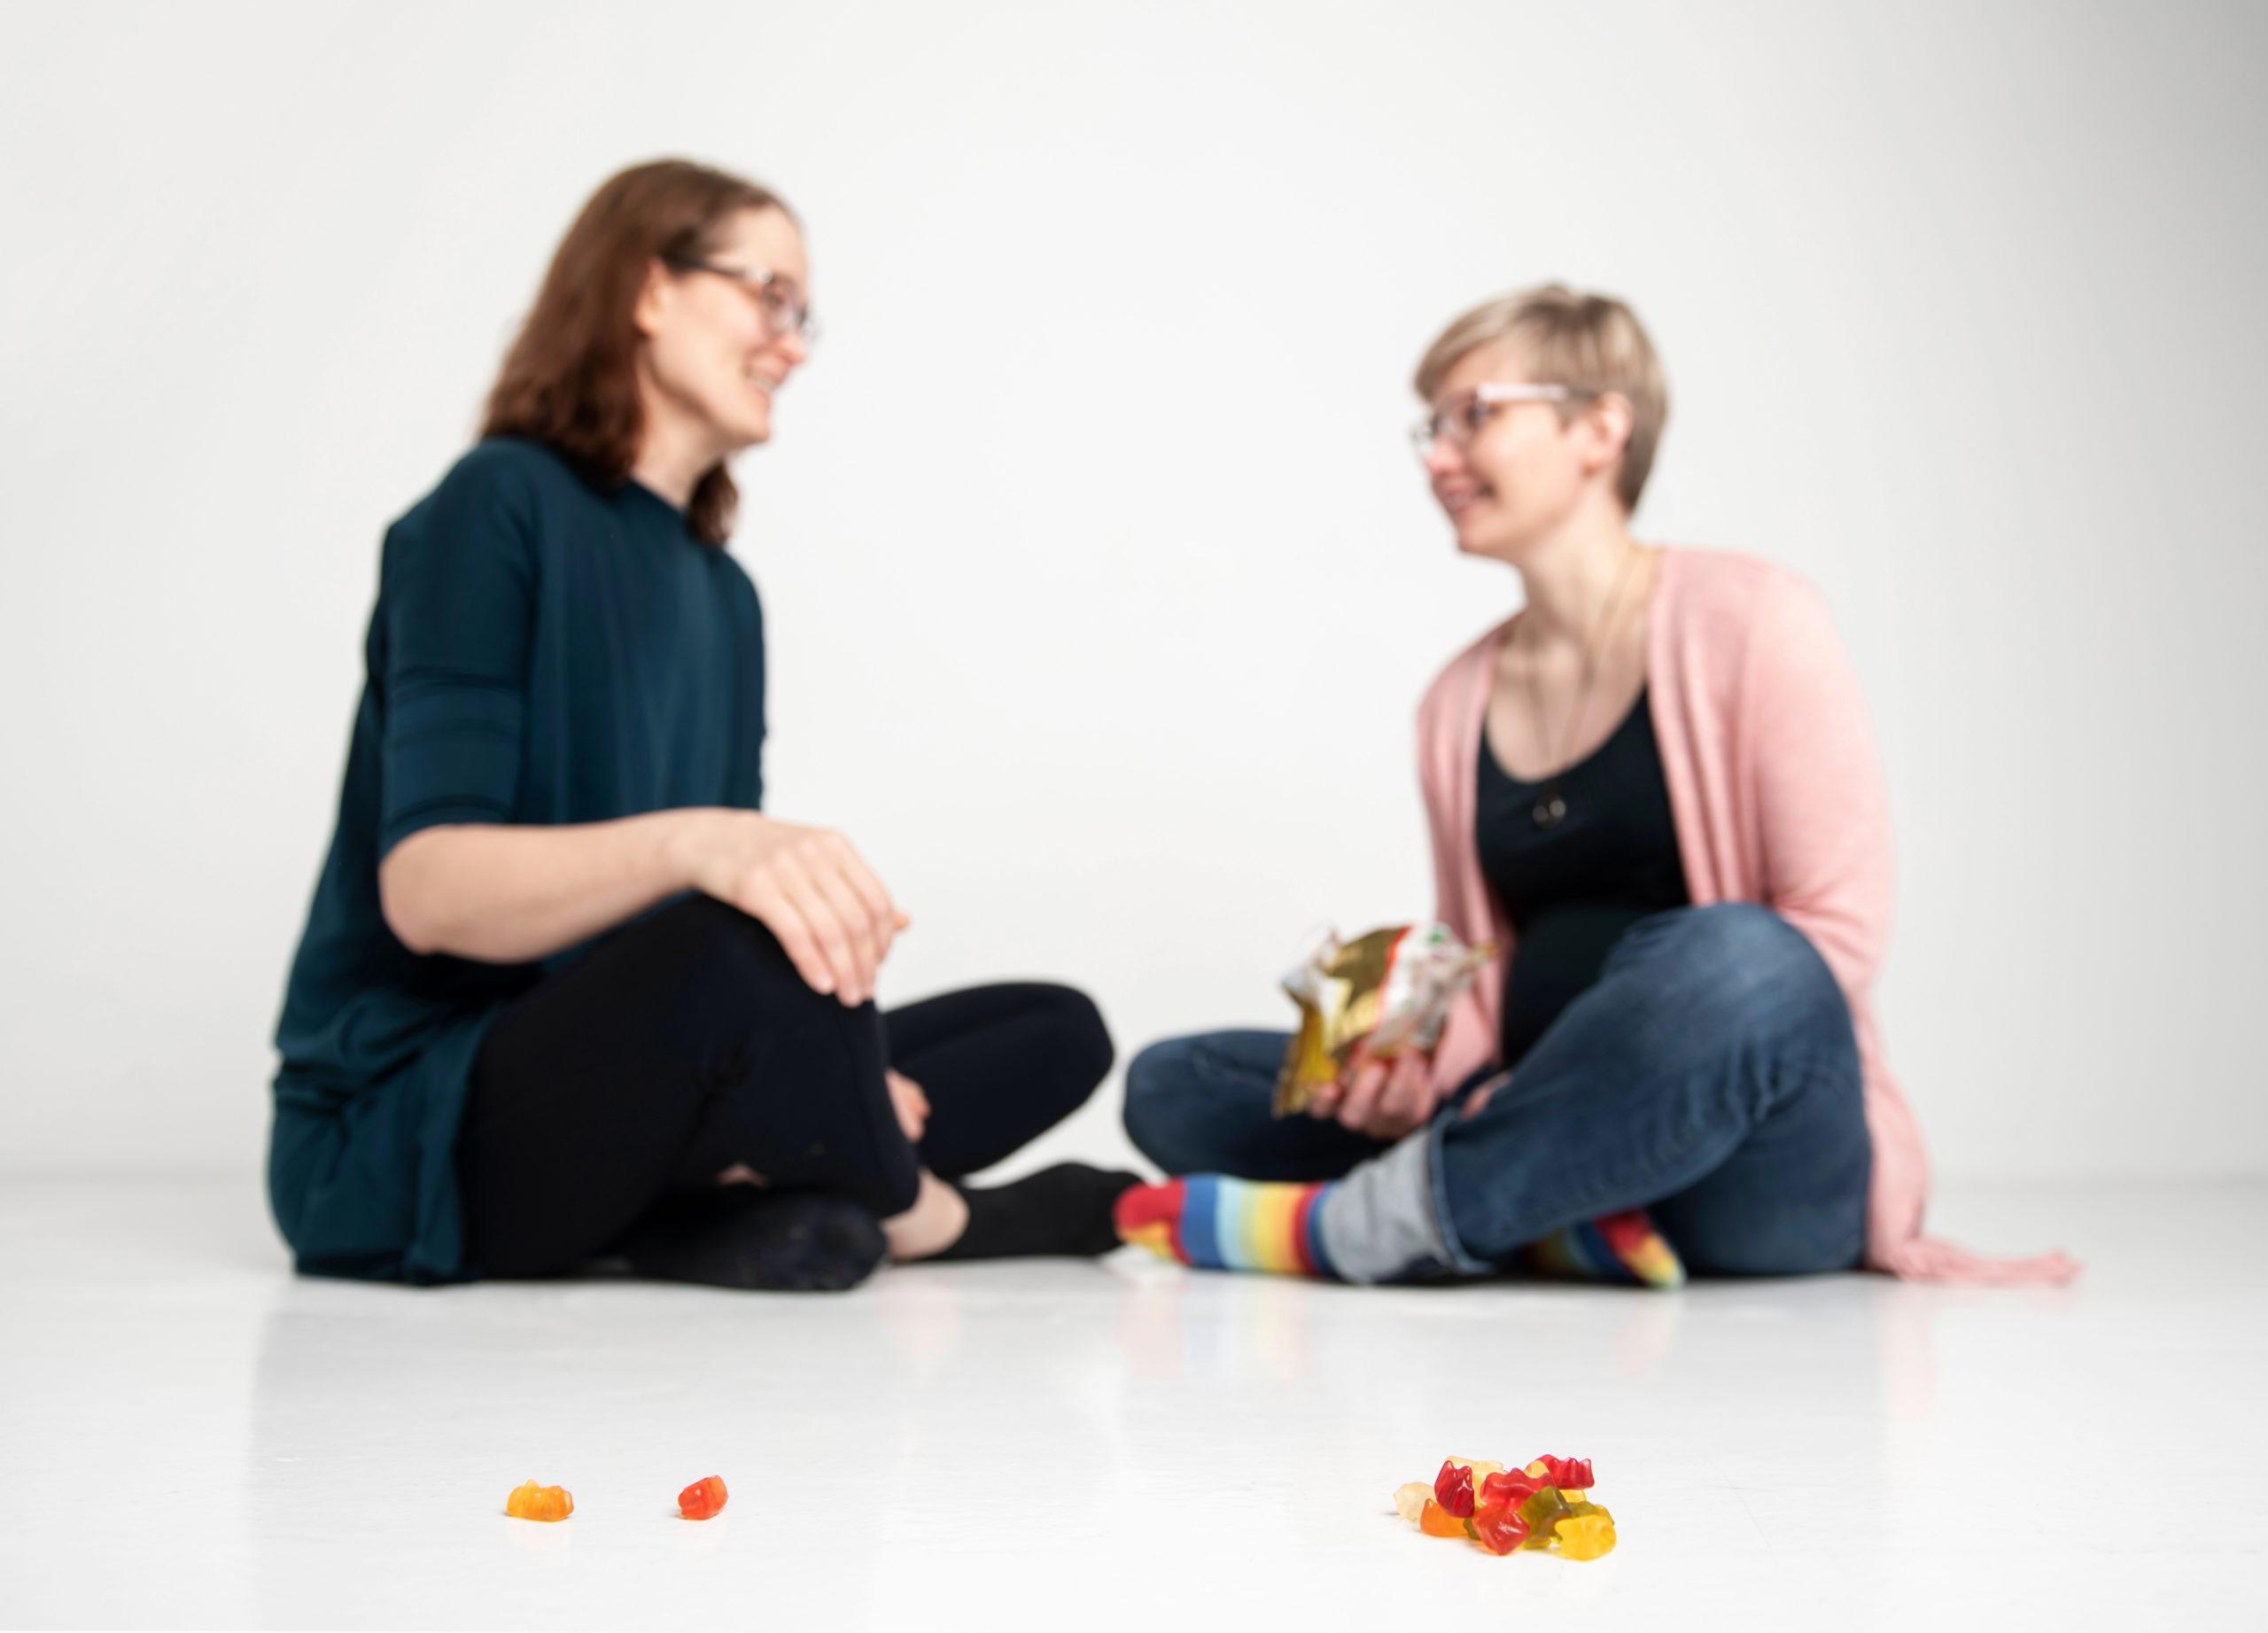 Kaksi henkilöä istumassa lattialla jakamassa nallekarkkeja. Toisella pari, toisella iso kasa.